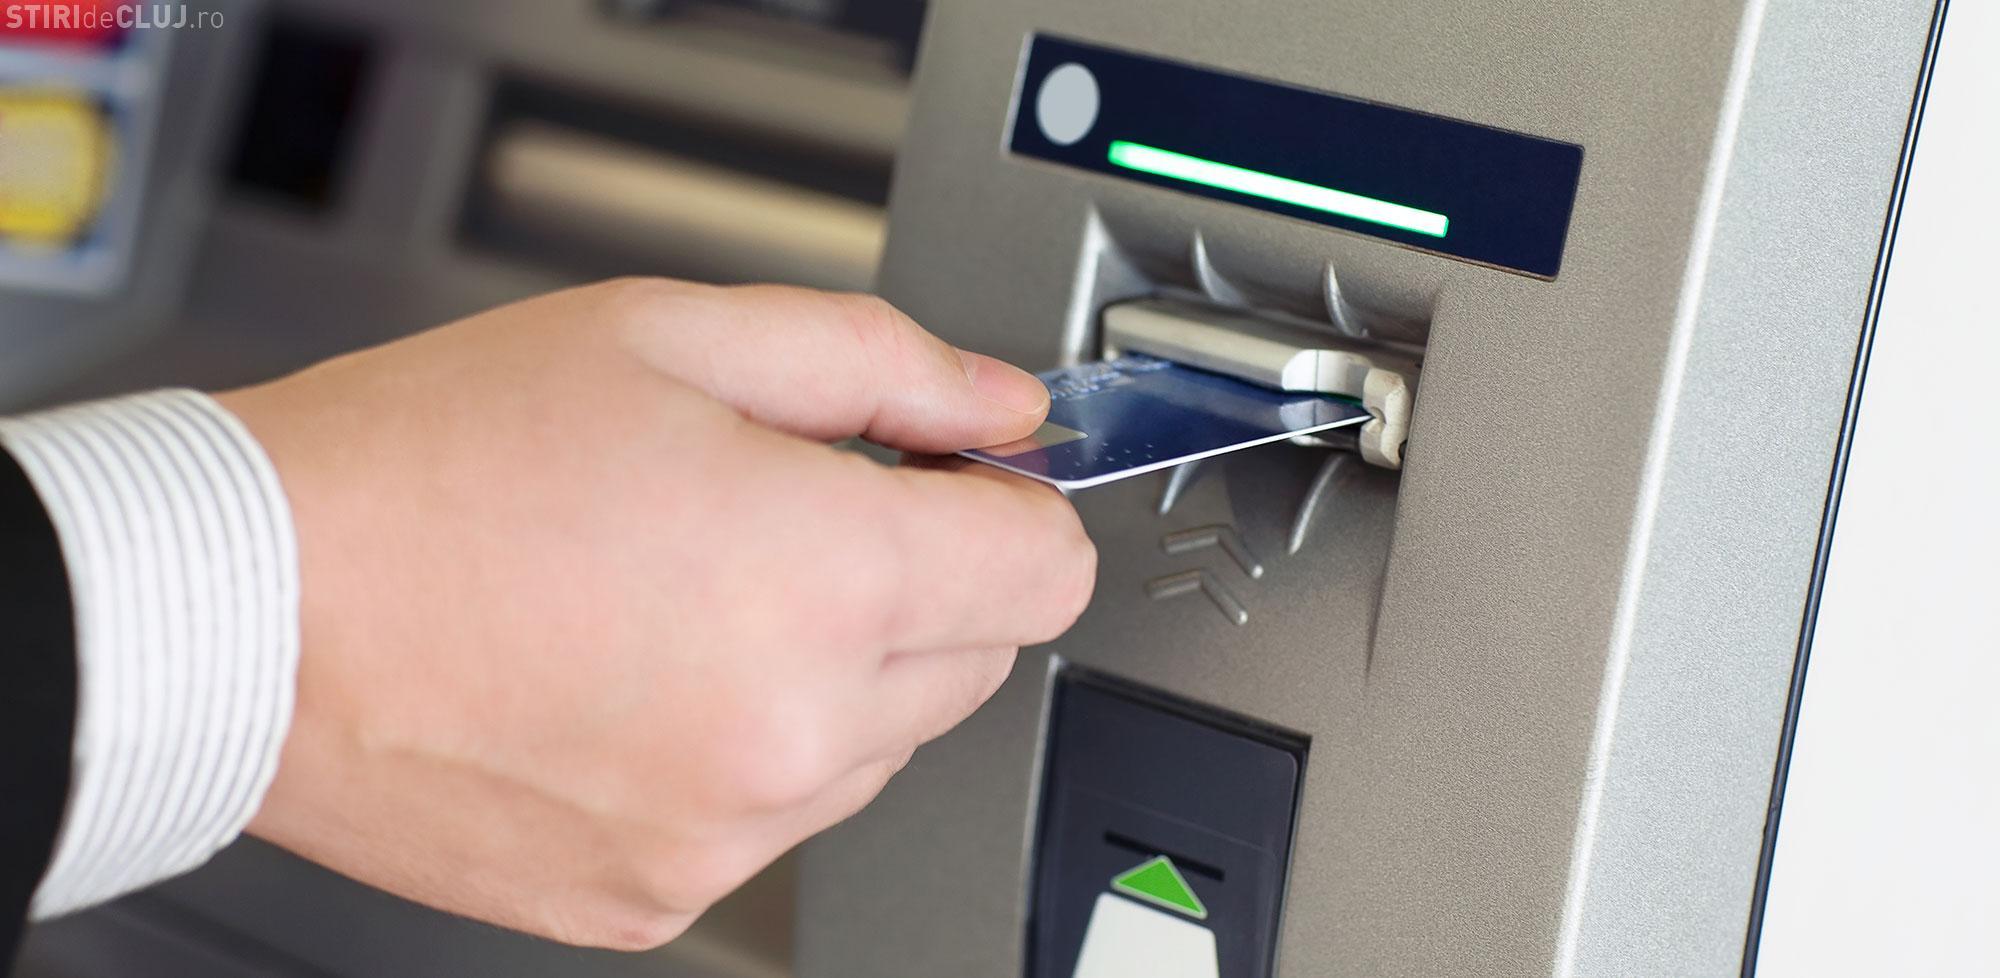 Anunț important pentru clienții Băncii Transilvania! ATM-urile, cardurile și POS-urile nu vor funcționa câteva ore, în weekend